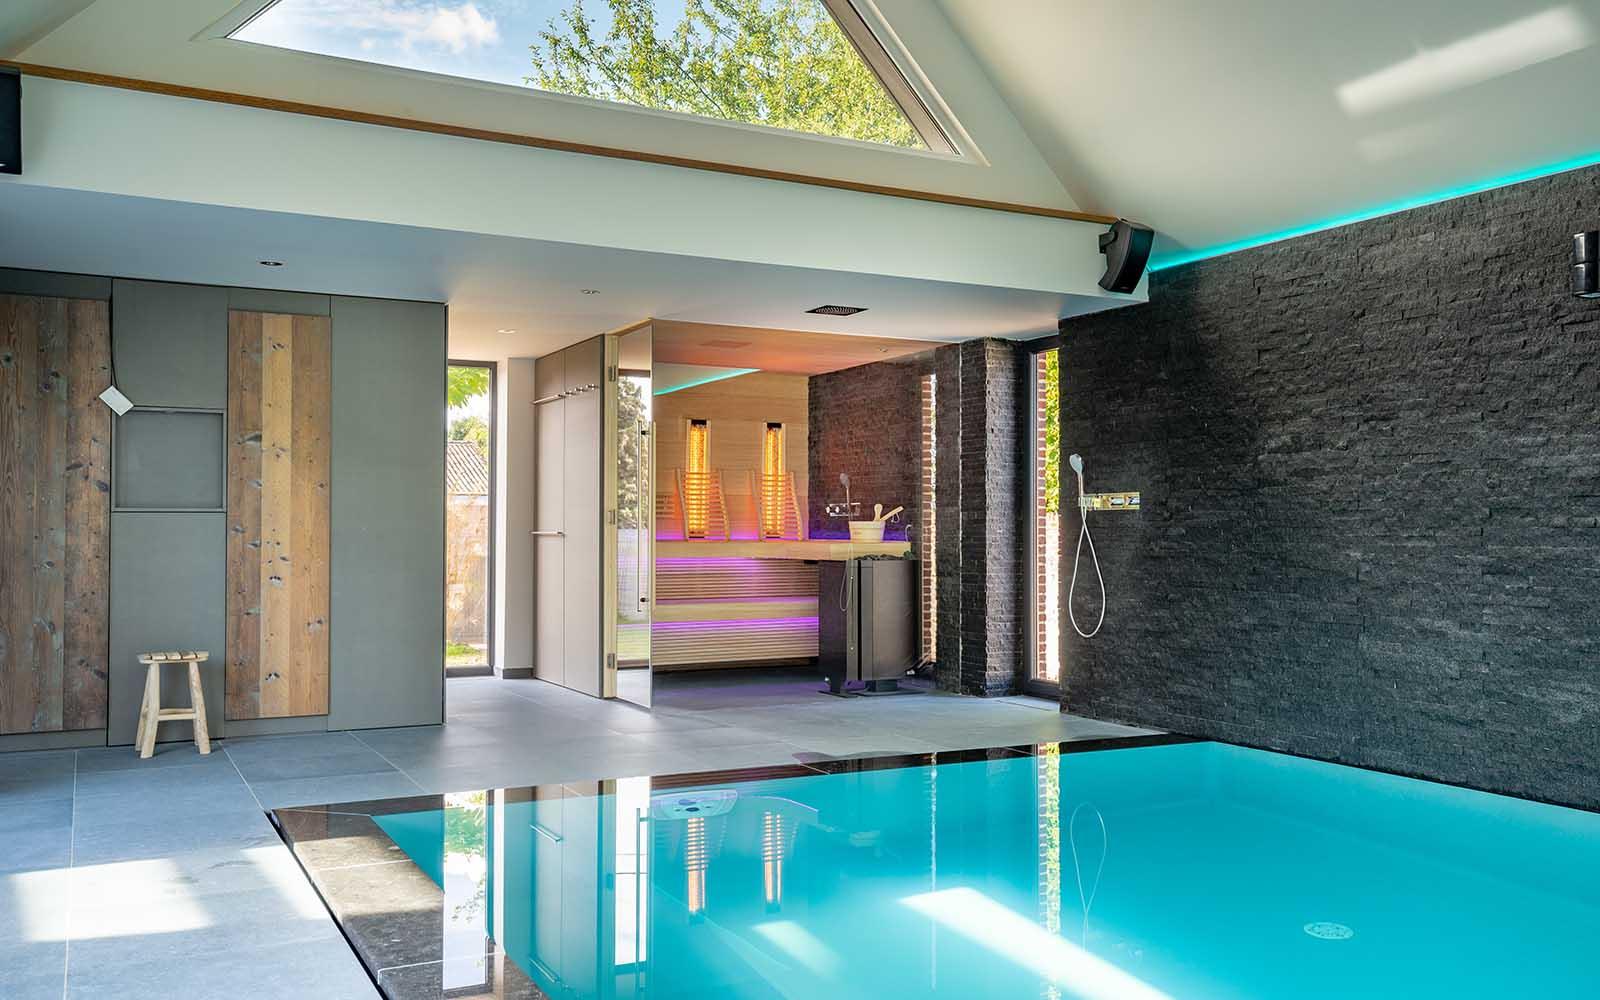 luxe sauna, wellness, alpha industries, the art of living